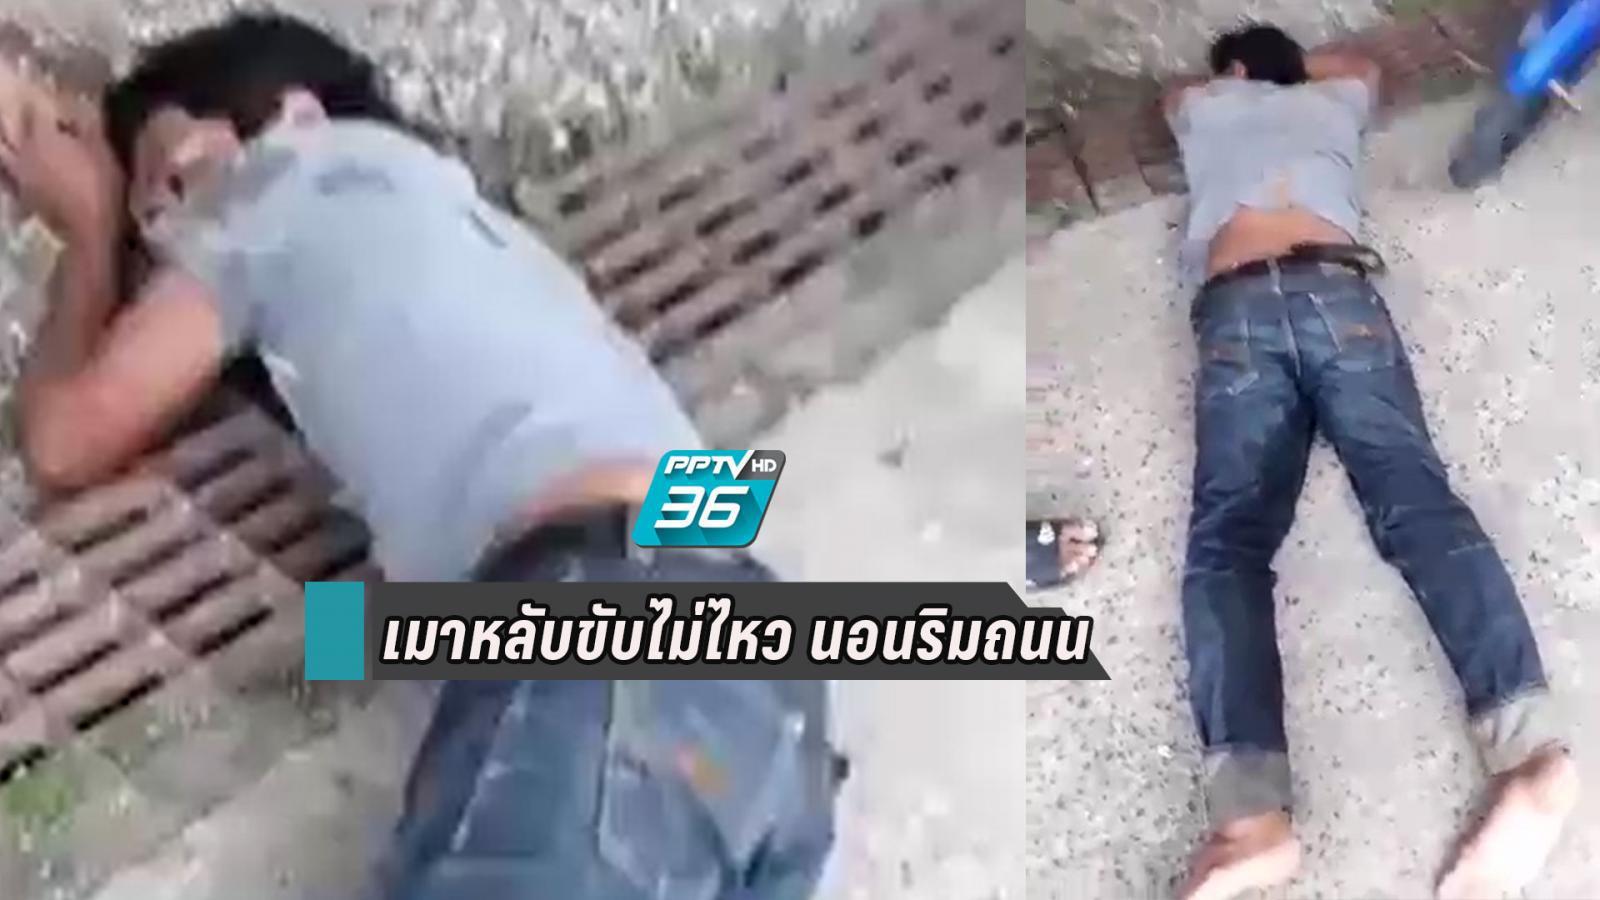 ก๊งเหล้าเมาหนัก จอดหลับริมถนน เดือดร้อนกู้ภัยฯช่วย หวั่นเกิดอันตราย